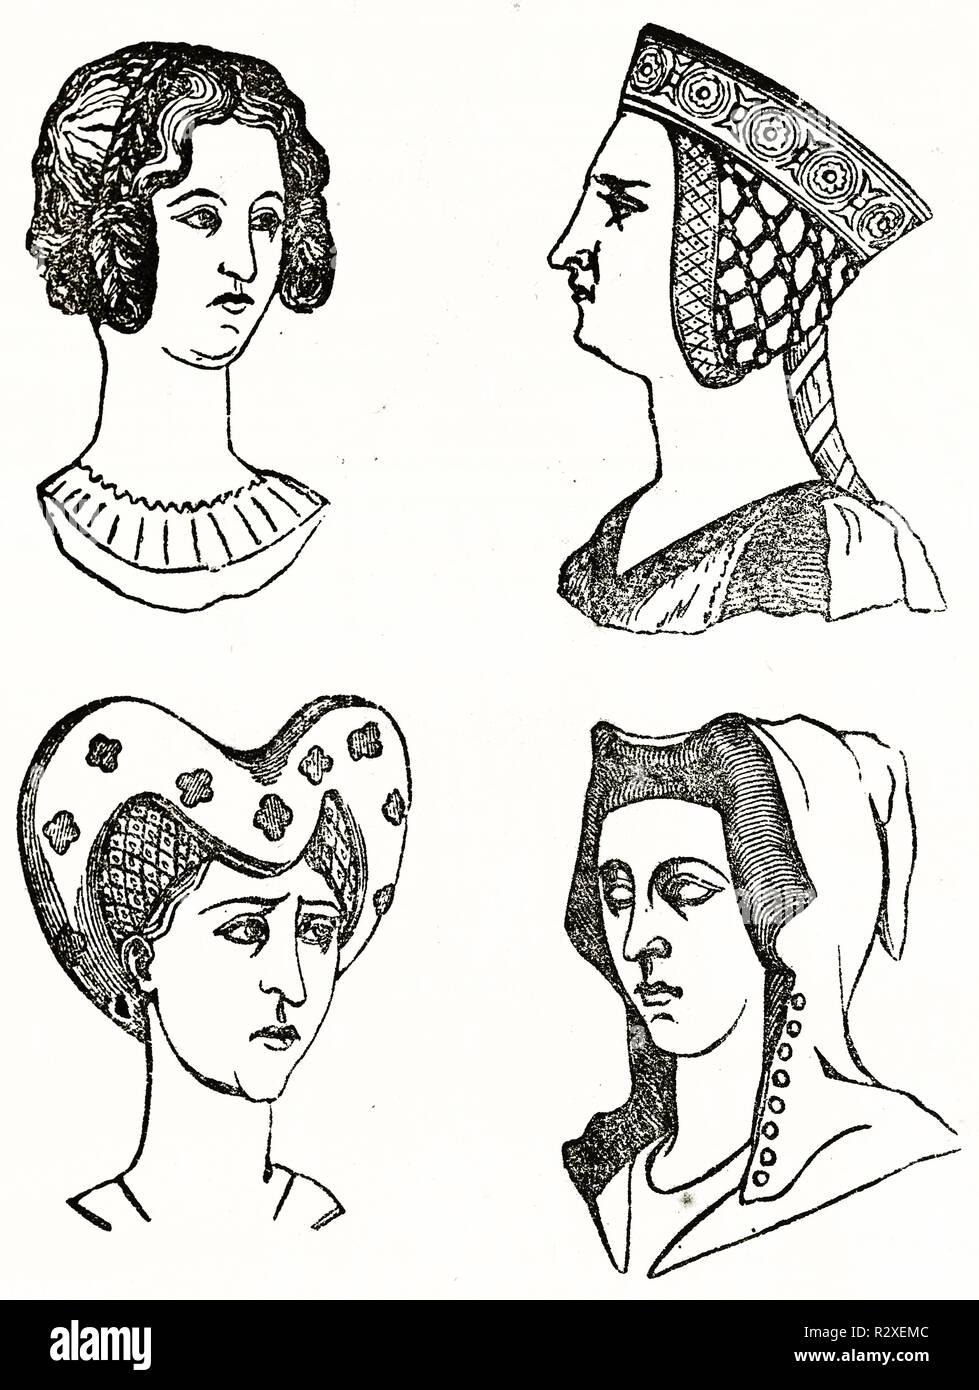 Vieille Illustration Coiffures En Moyen Age 14e Siecle Par Auteur